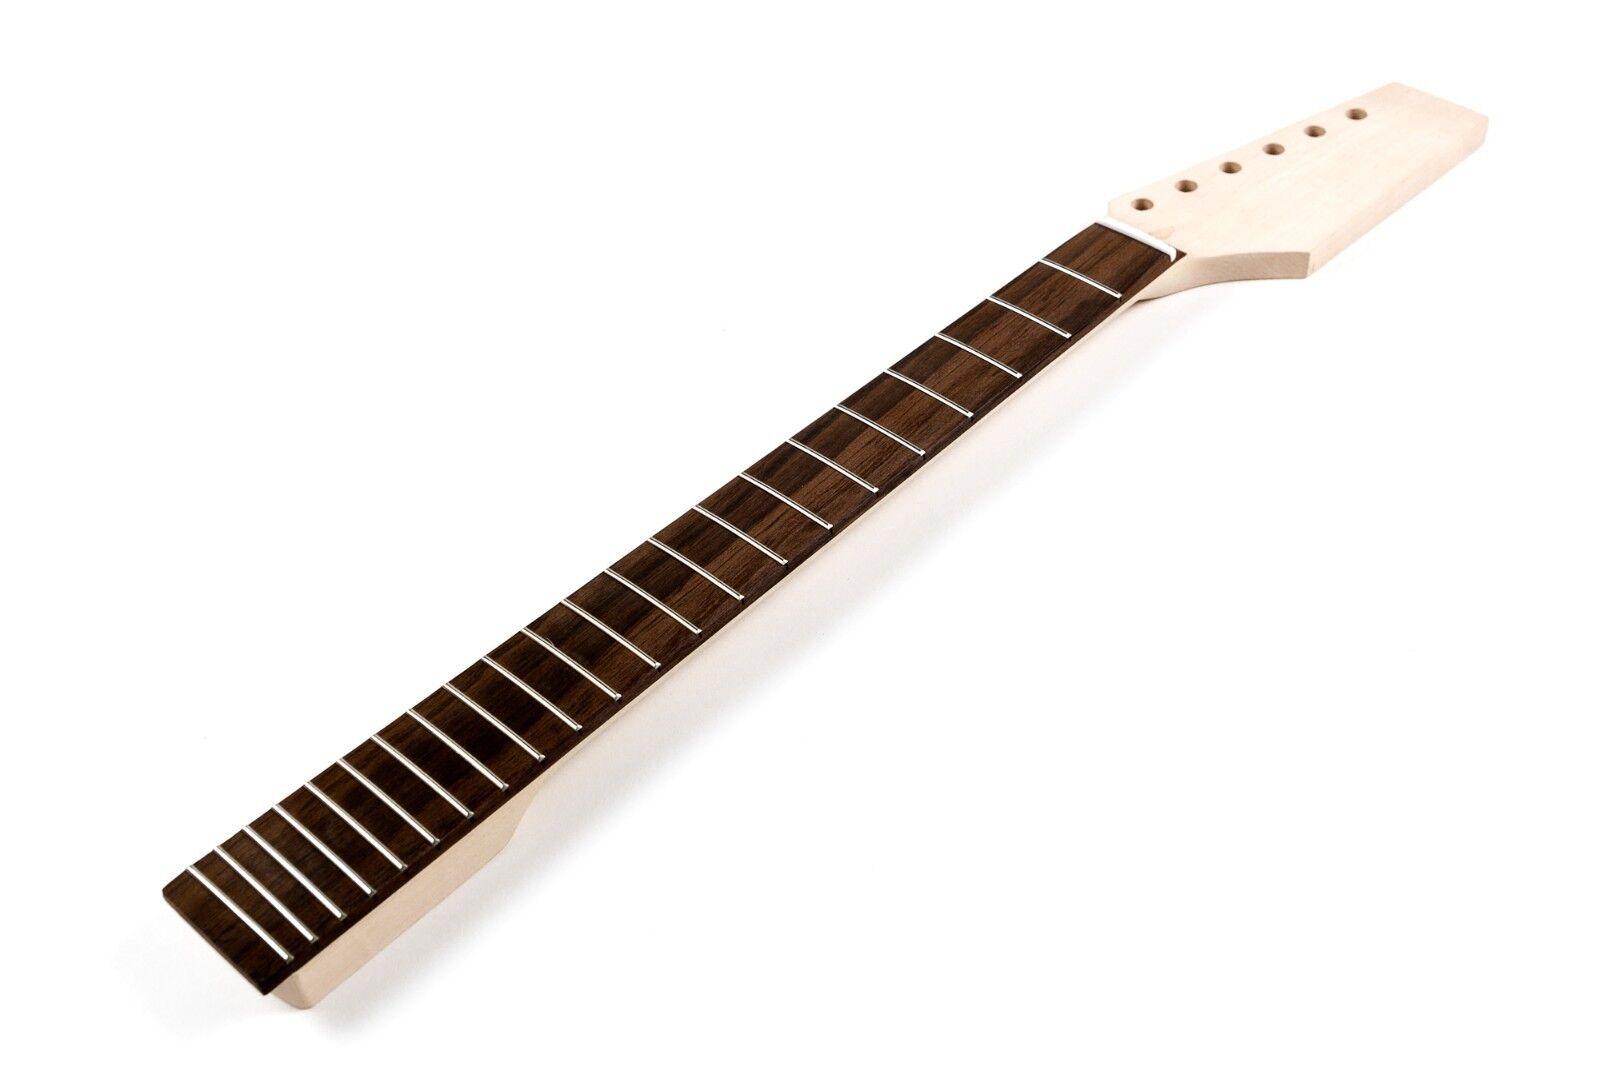 nerowood Tek Electric guitar neck Stratocaster - Mástil guitarra eléctrica ST